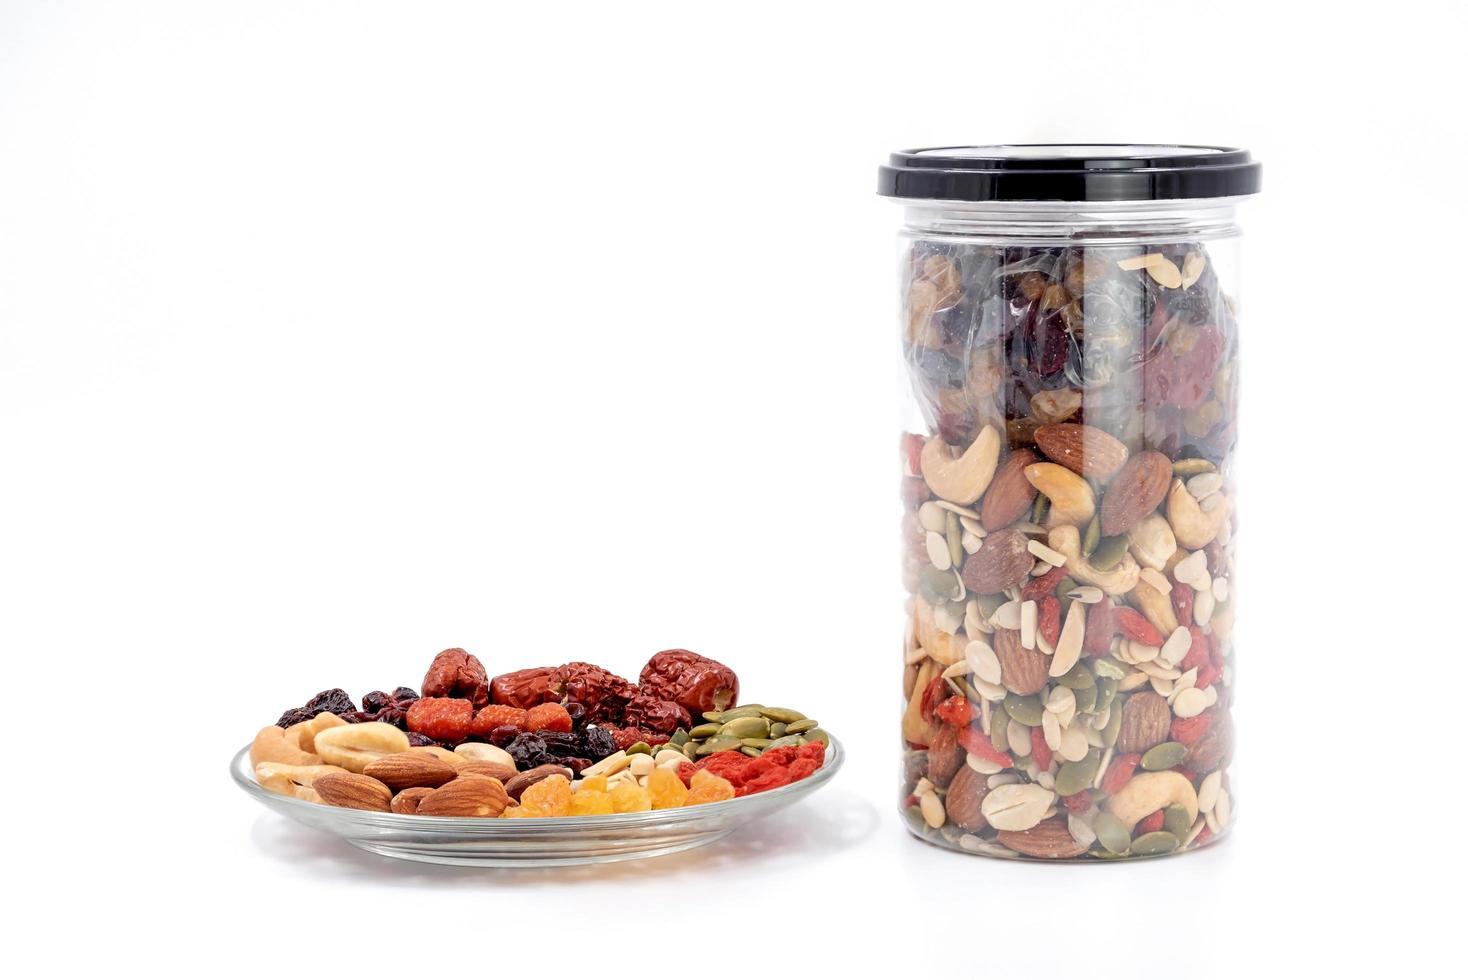 cereali integrali e frutta secca in una lastra di vetro e una bottiglia di plastica. foto